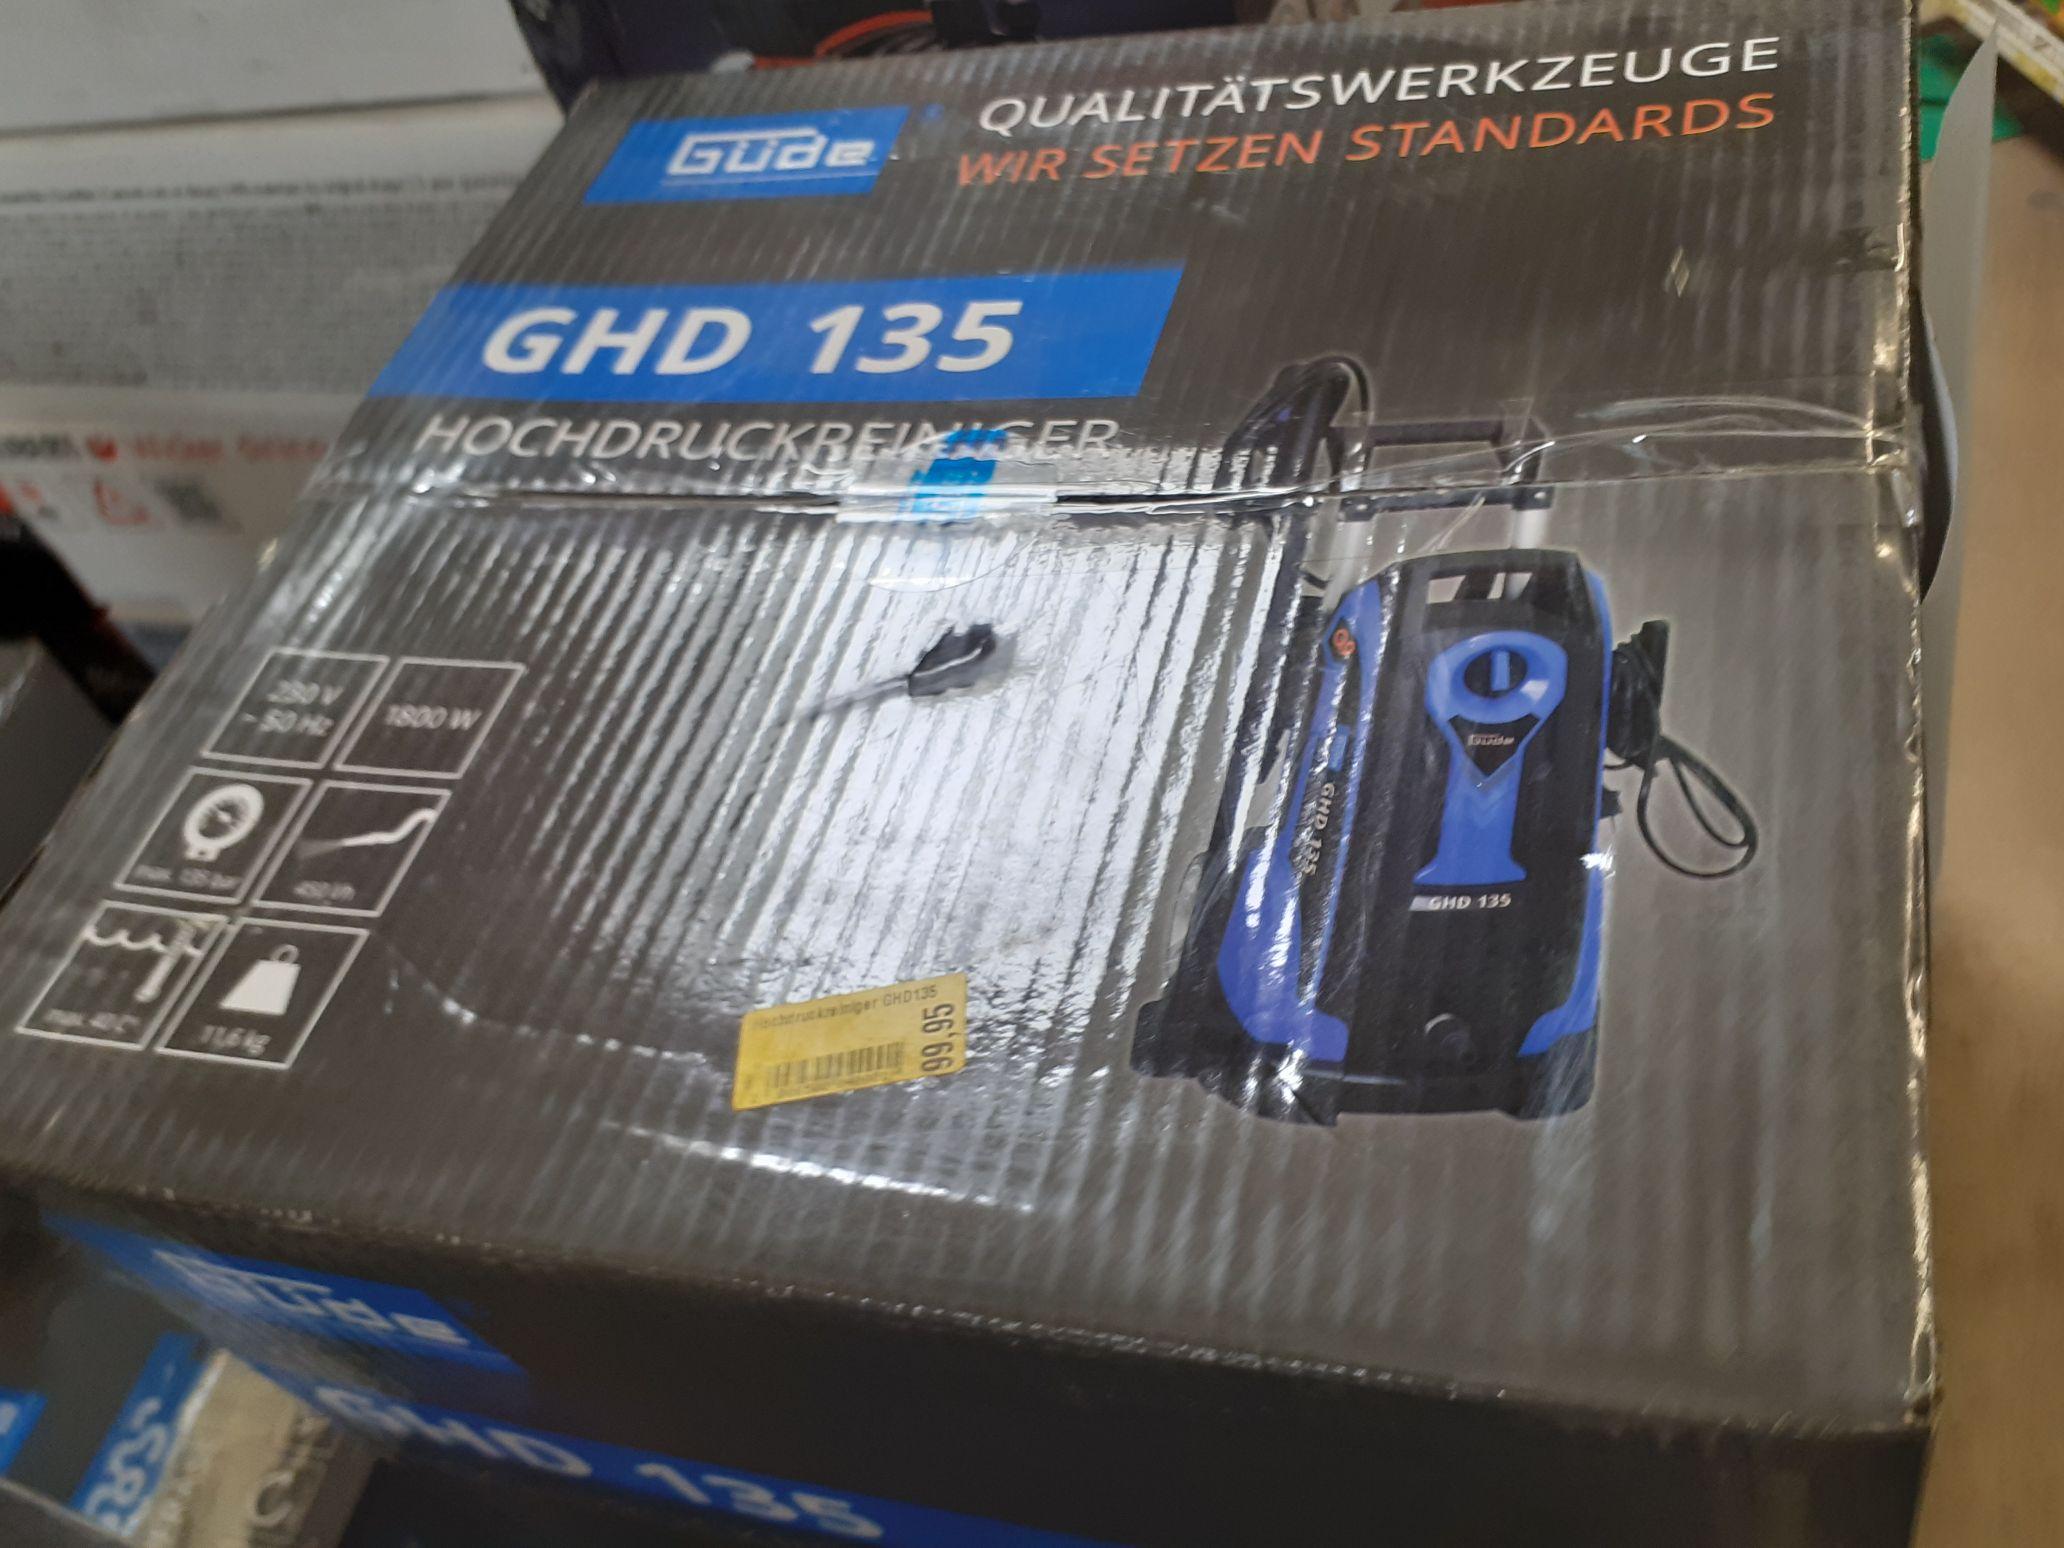 Hochdruckreiniger Güde GHD 135 beim Räumungsverkauf Thomas Phillips Grevenbroich